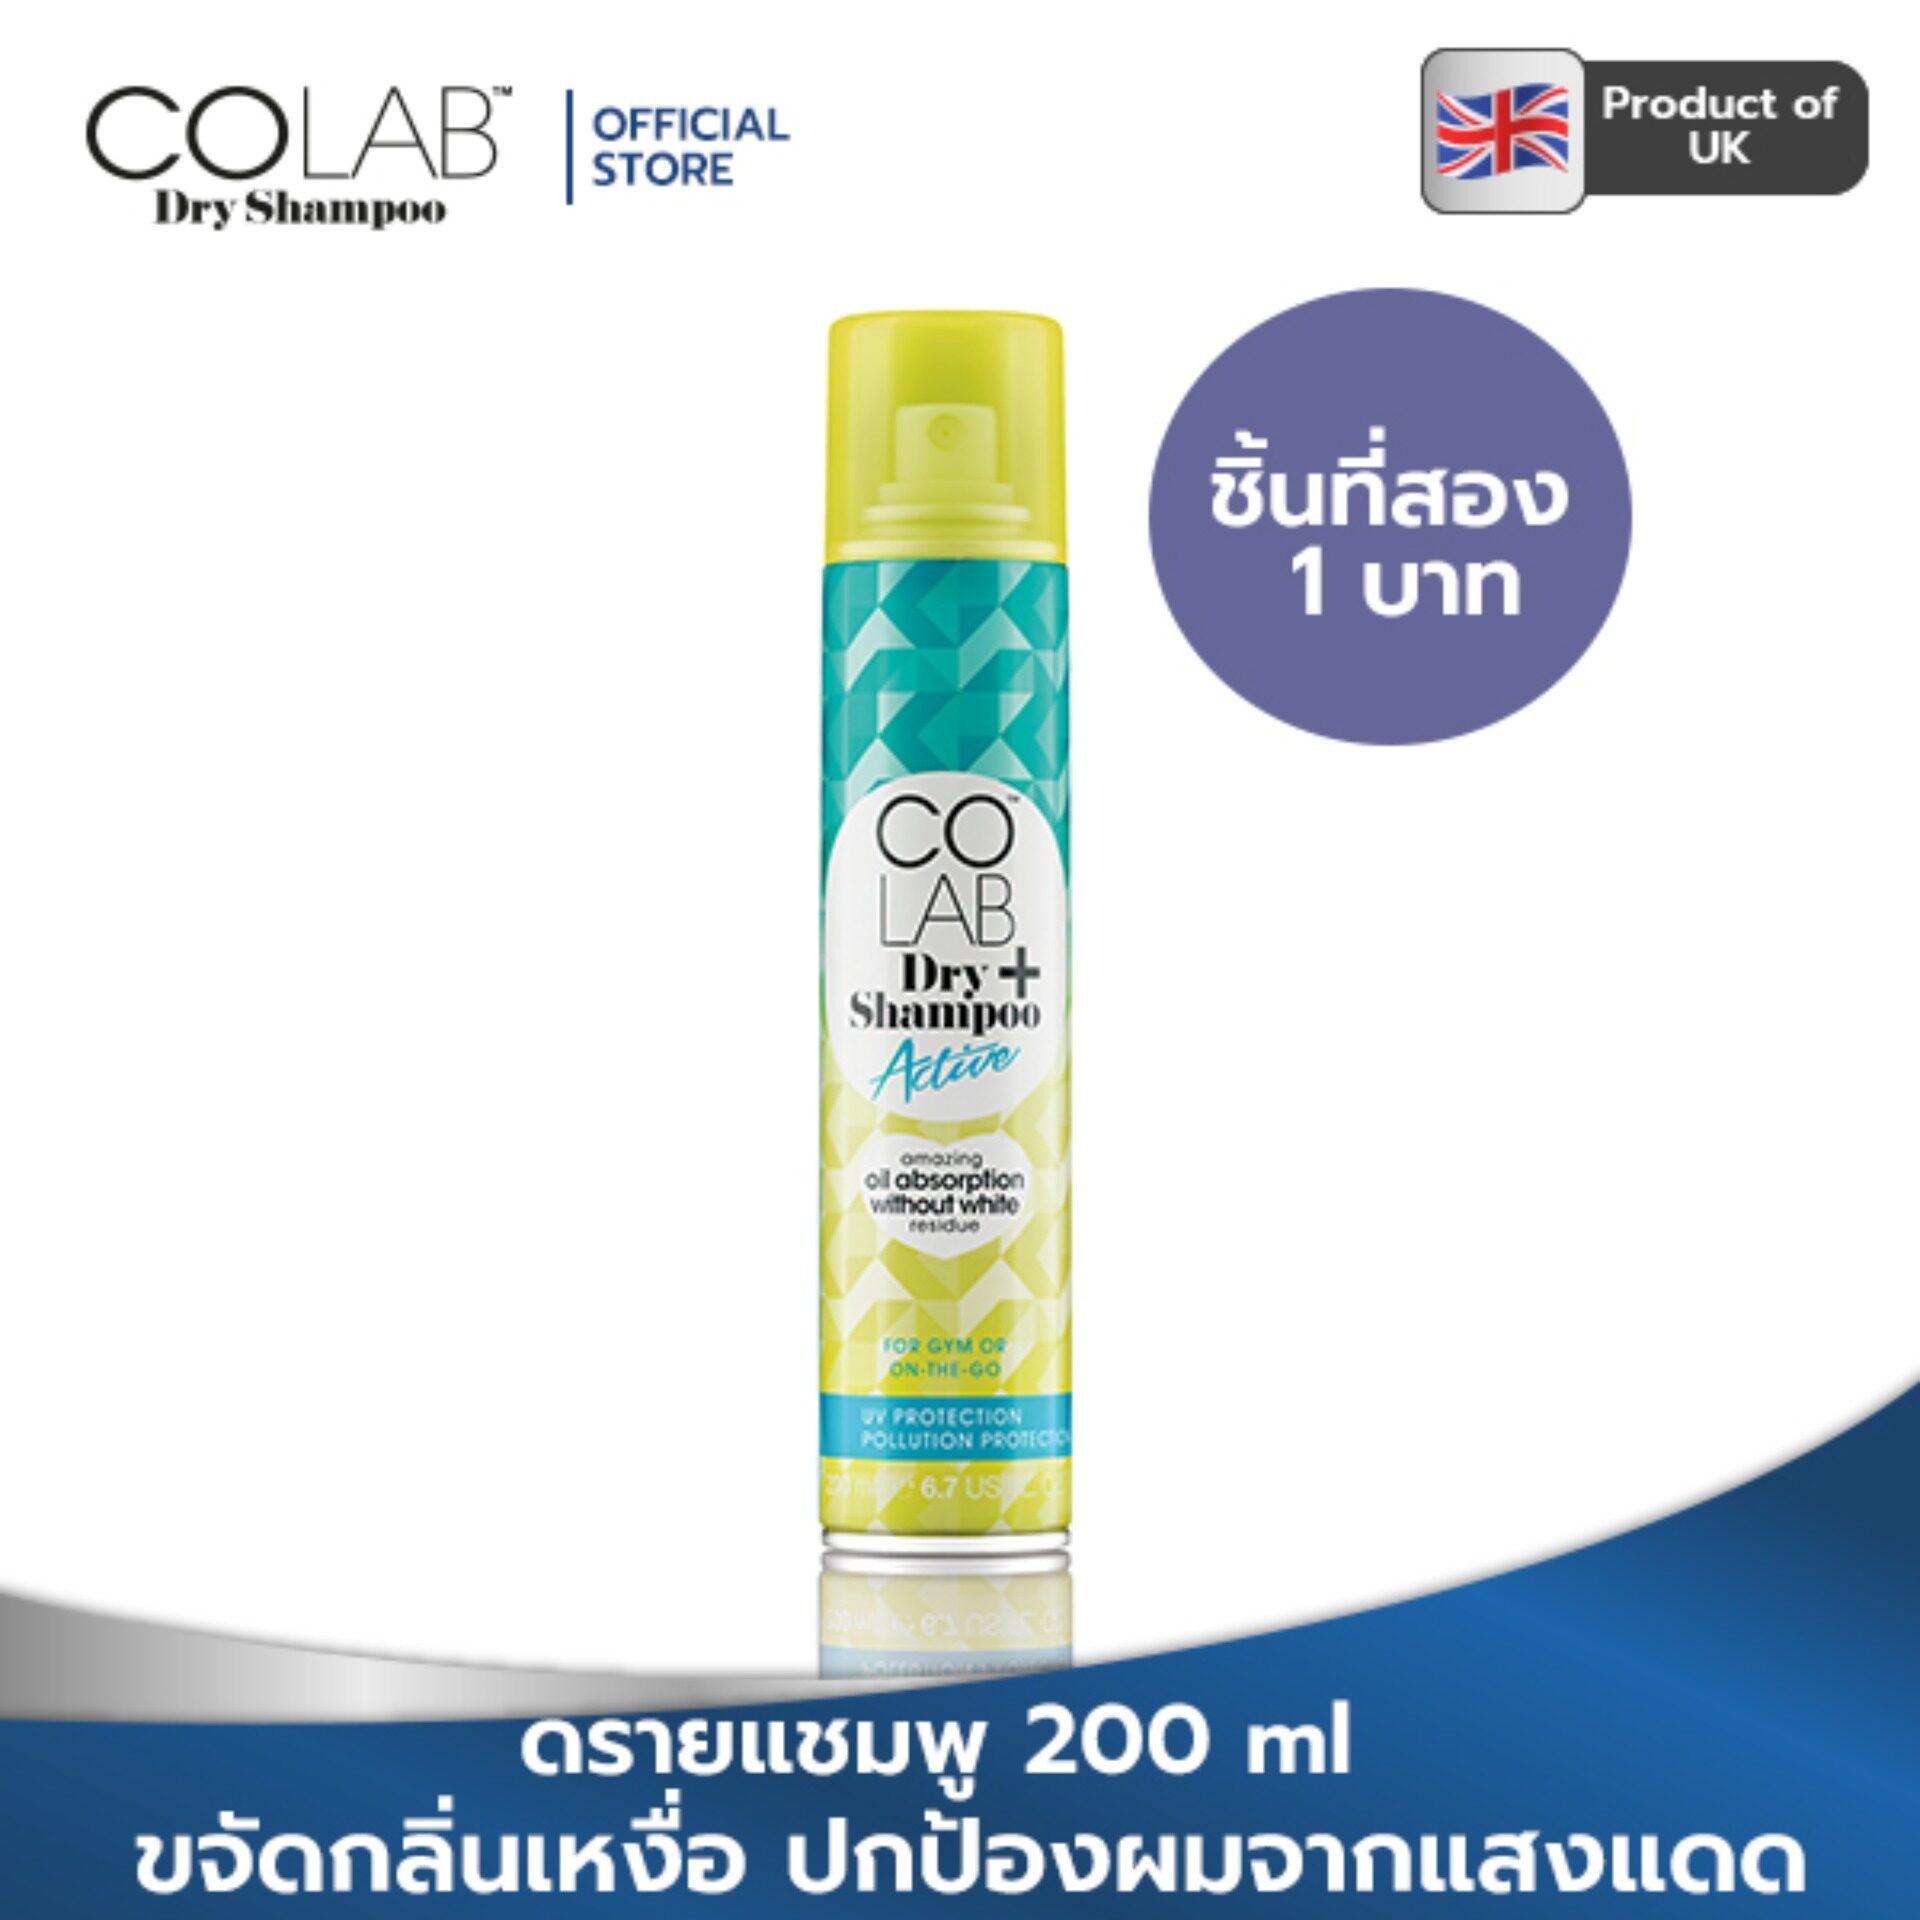 [ชิ้นที่สอง 1 บาท] Colab Active Dry Shampoo ดรายแชมพู กลิ่นเย็นสดชื่น ปกป้องผมจากยูวี ผมแลดูเงางามไม่แห้งกระด้าง ปริมาณ 200 Ml..